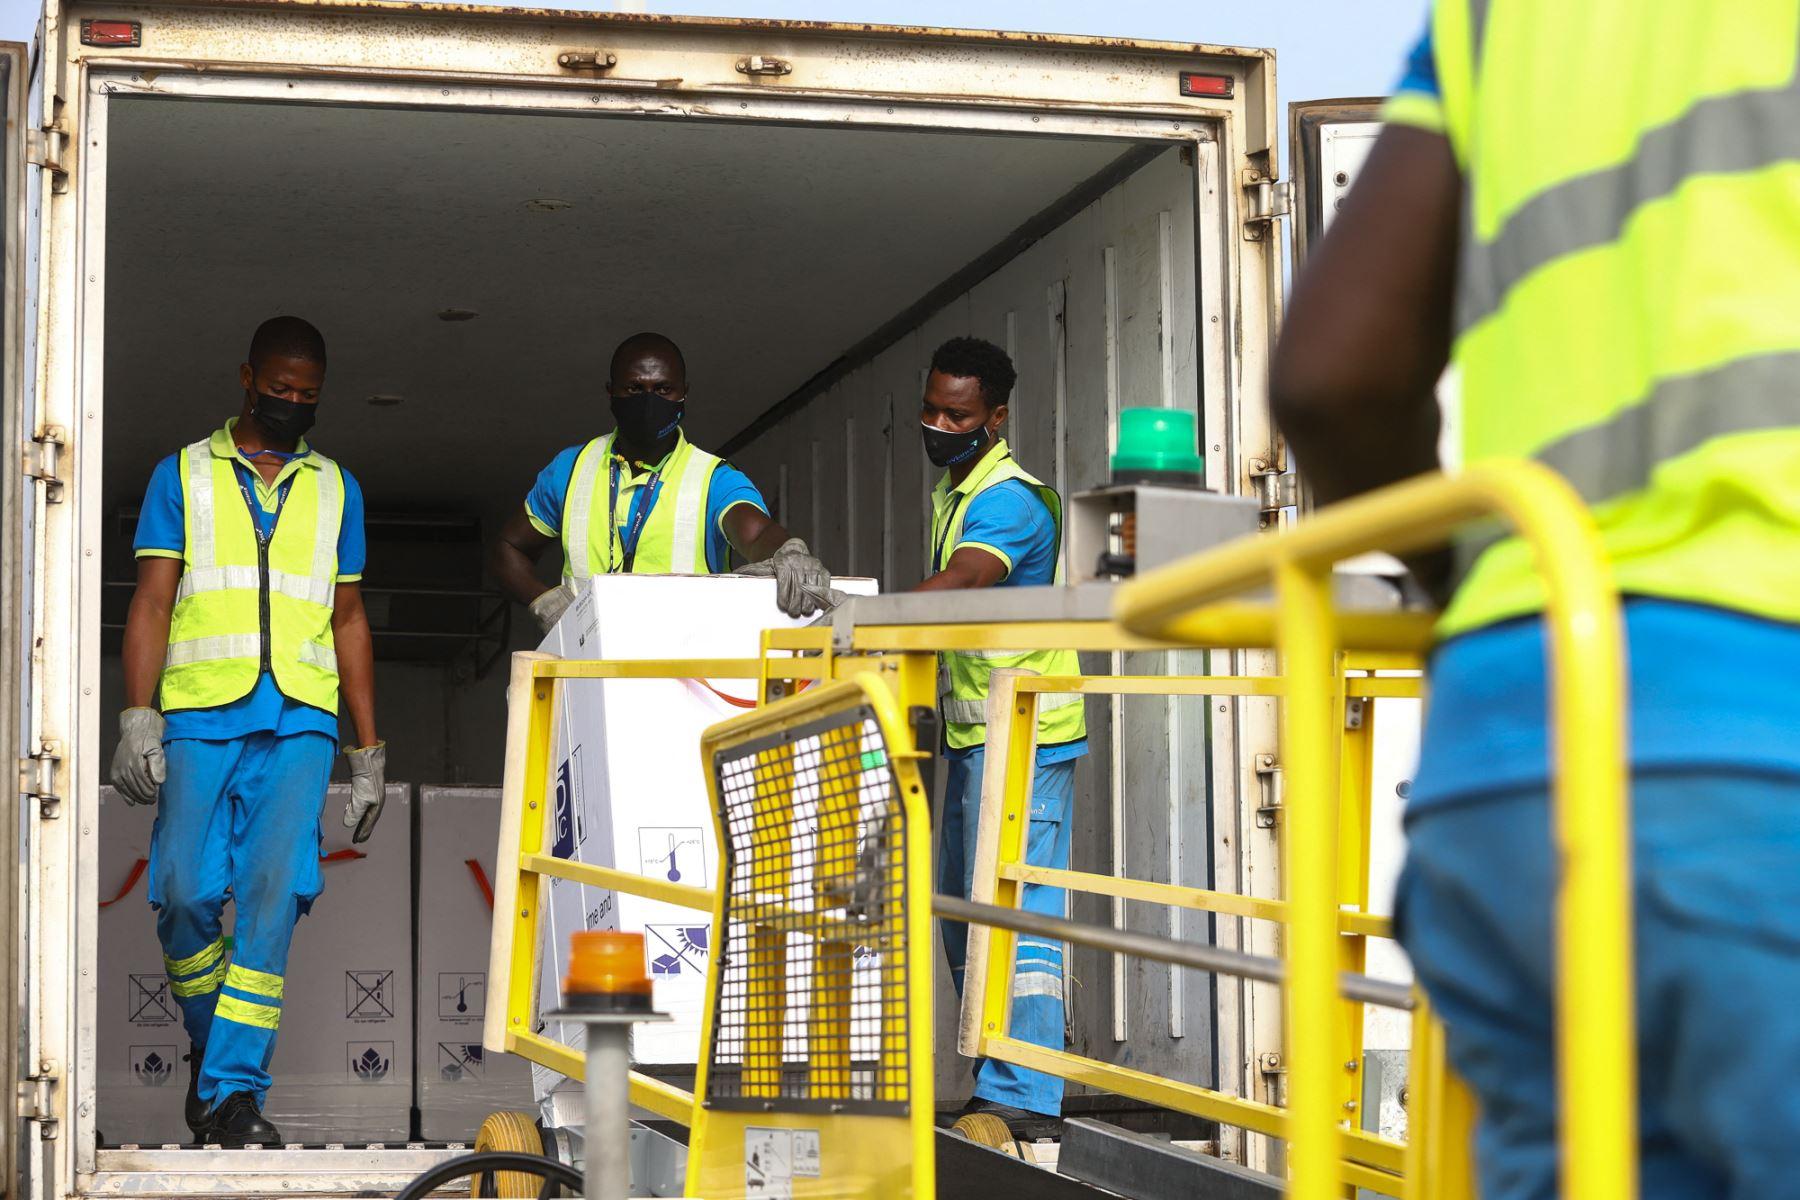 Los trabajadores descargan un envío de vacunas contra la Covid-19 de Covax, en el Aeropuerto Internacional de Kotoka en Accra, el 24 de febrero de 2021. Foto: AFP